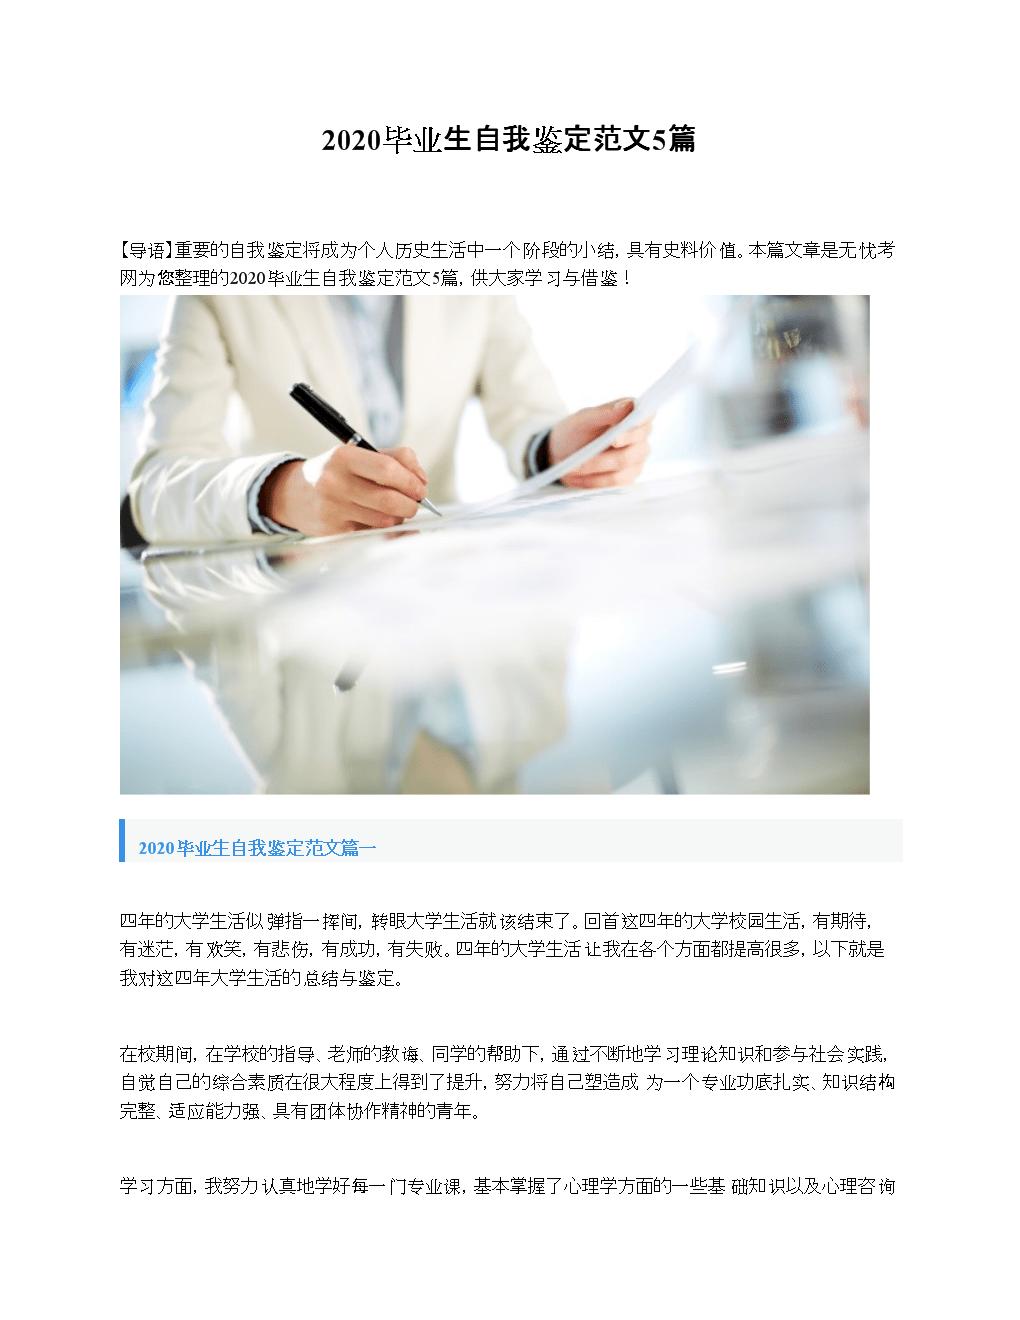 2020毕业生自我鉴定范文5篇_微博捡捡相因菌.doc